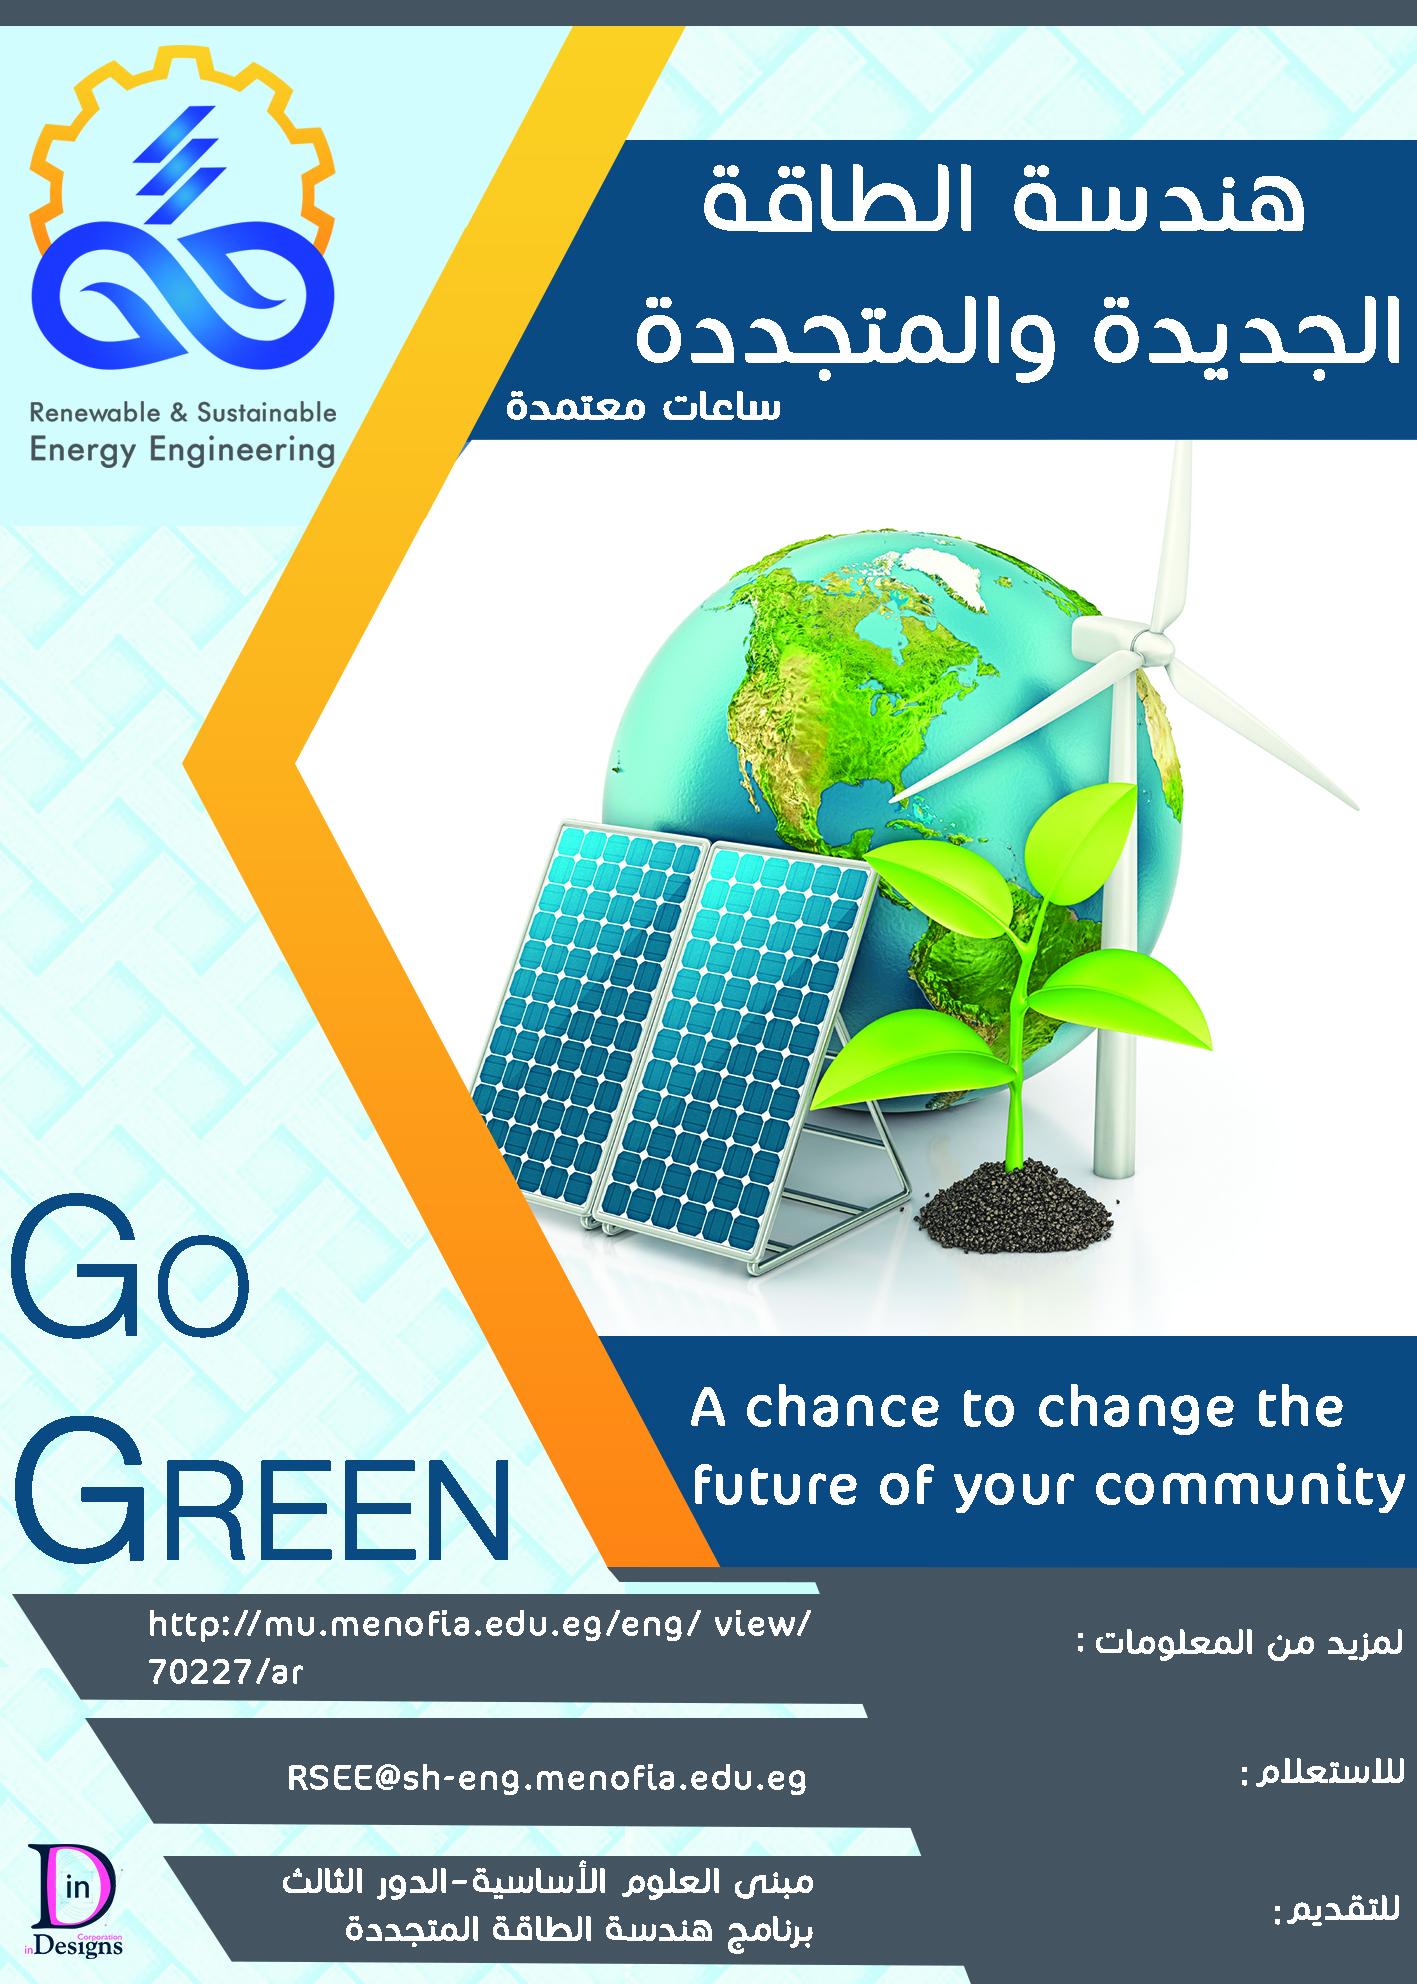 معلومات عن برنامج هندسة الطاقة الجديدة والمتجددة